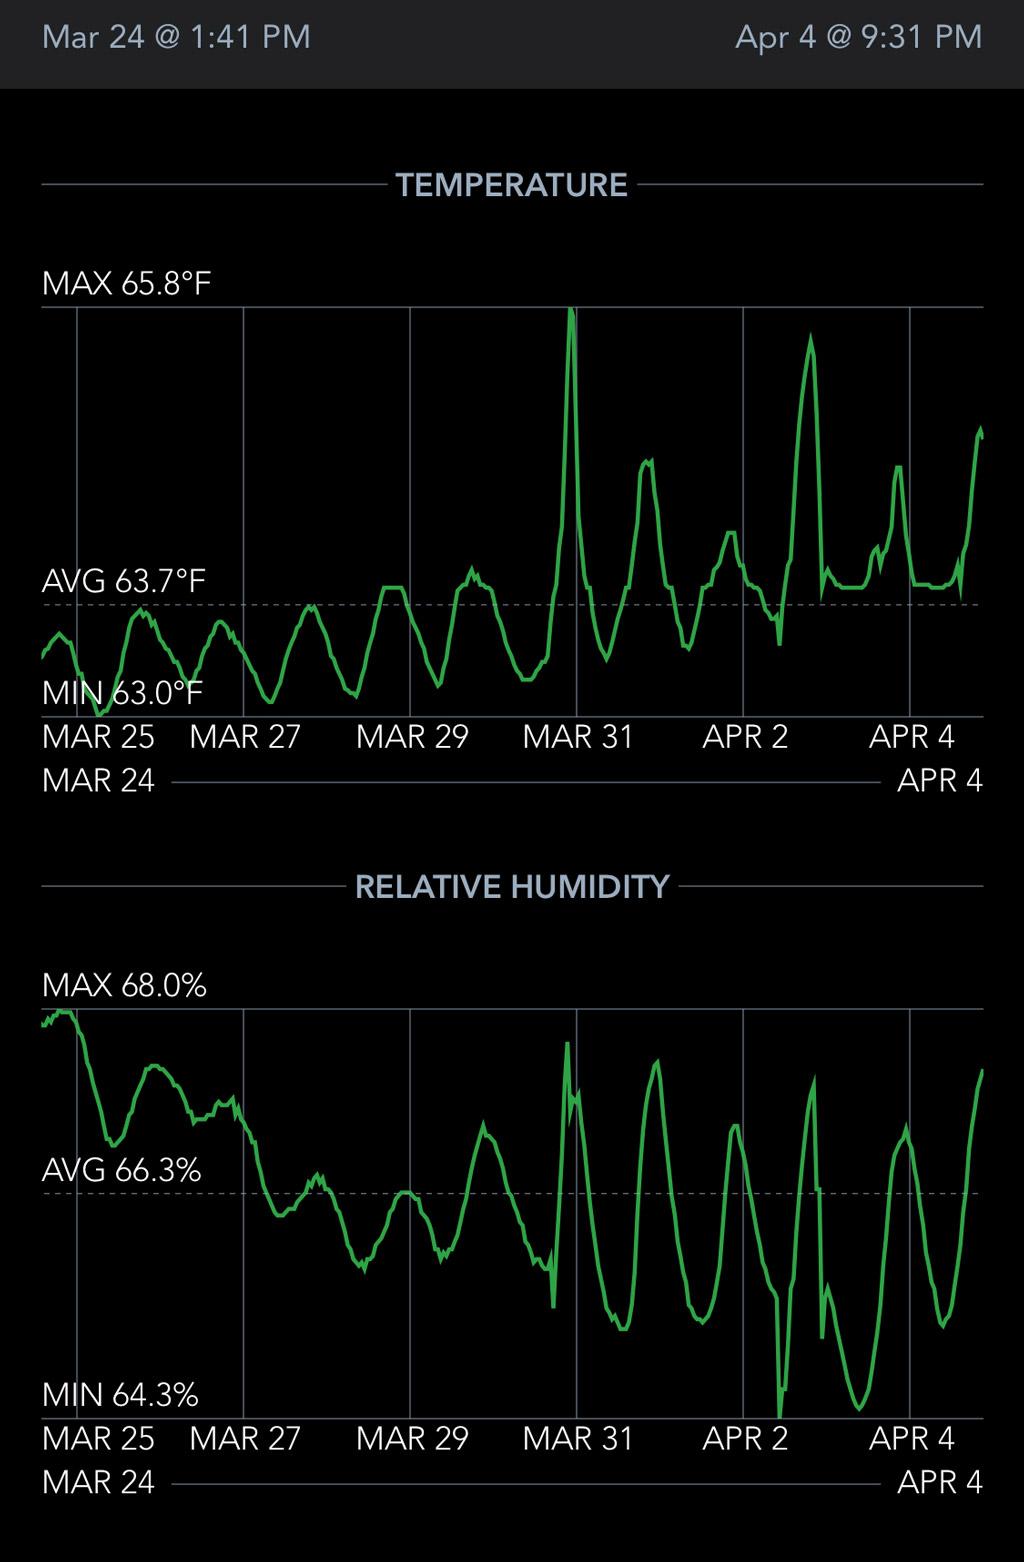 NewAir NCH840BK00 humidor temperature and humidity data